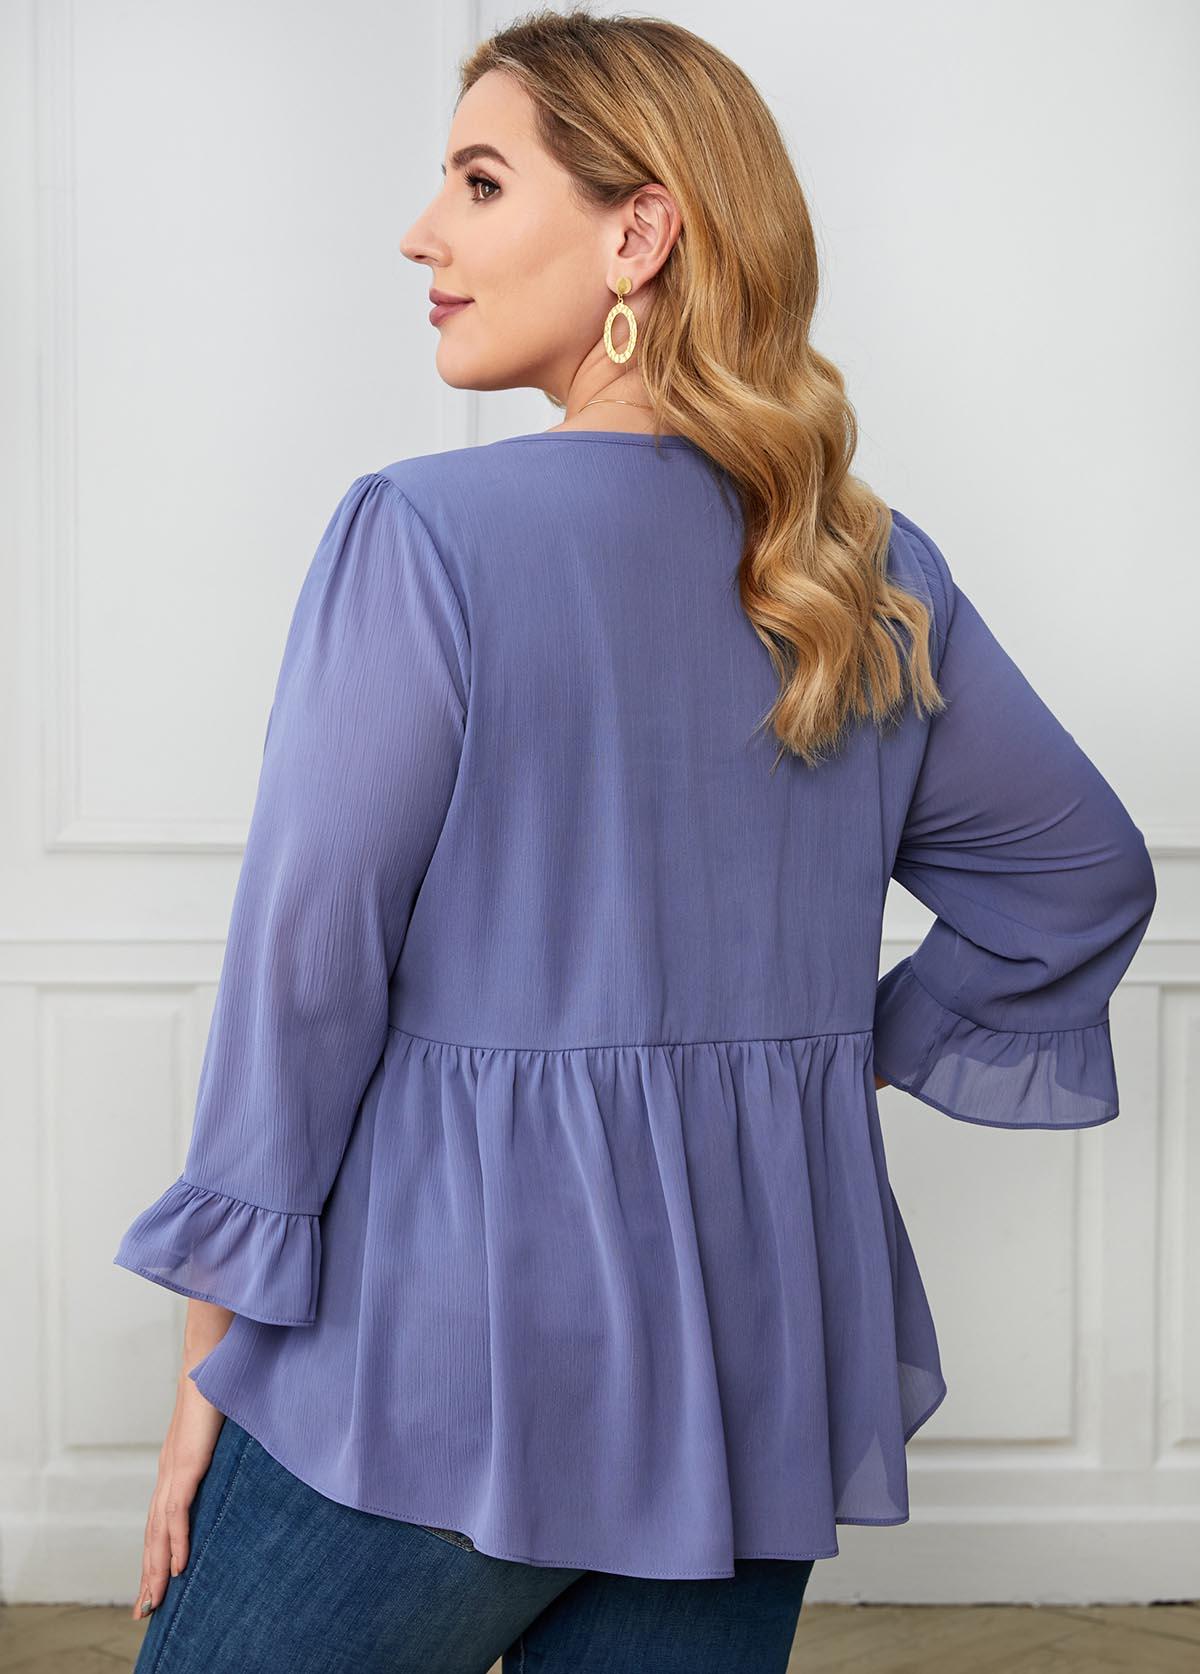 Flare Cuff Lace Stitching Plus Size T Shirt